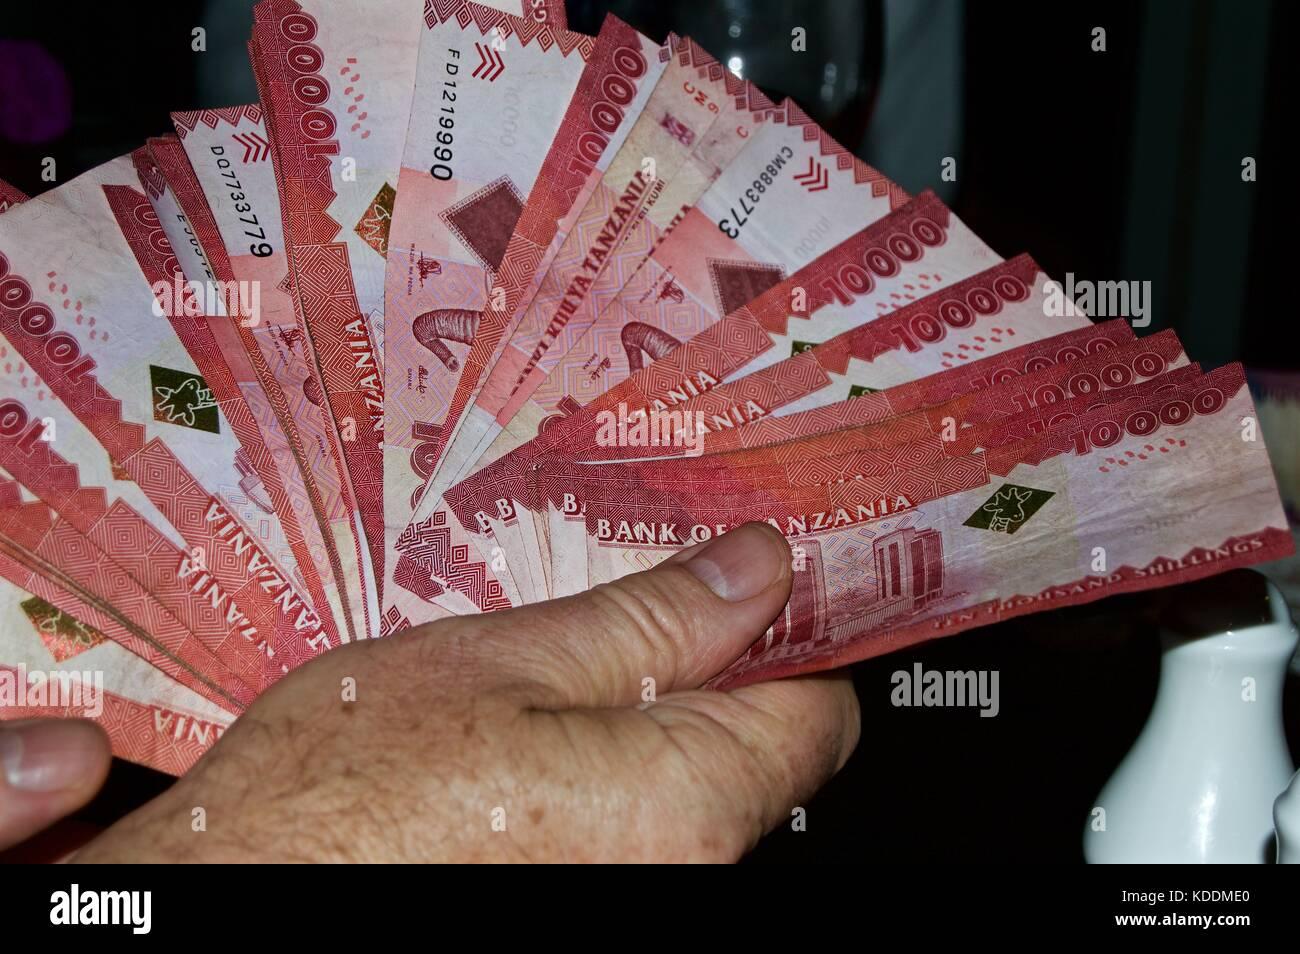 Tanzanian shillings - Stock Image